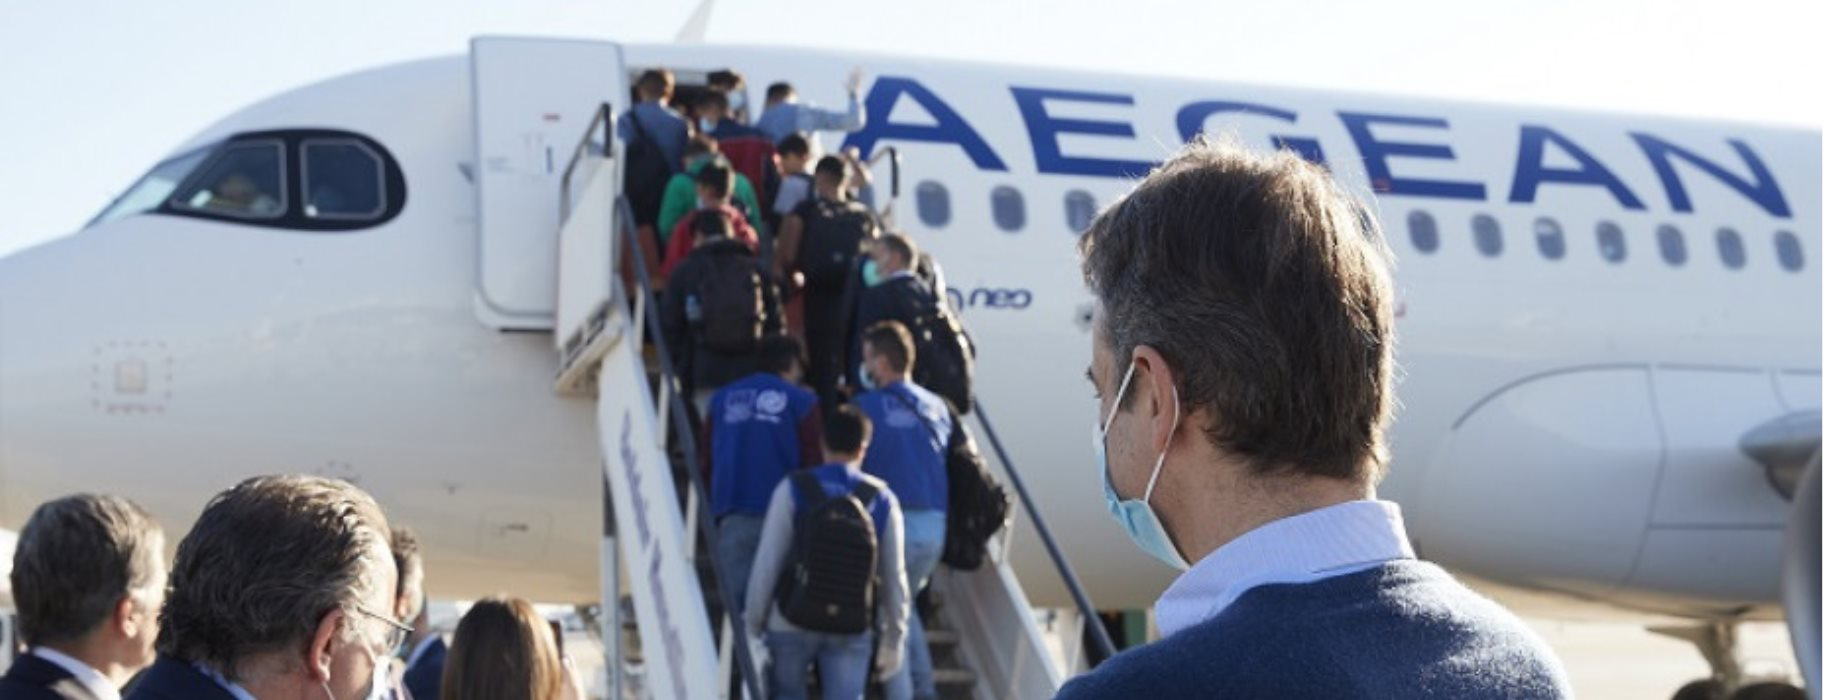 Για την Γερμανία αναχώρησαν 50 ανήλικοι πρόσφυγες - Στο αεροδρόμιο ο πρωθυπουργός